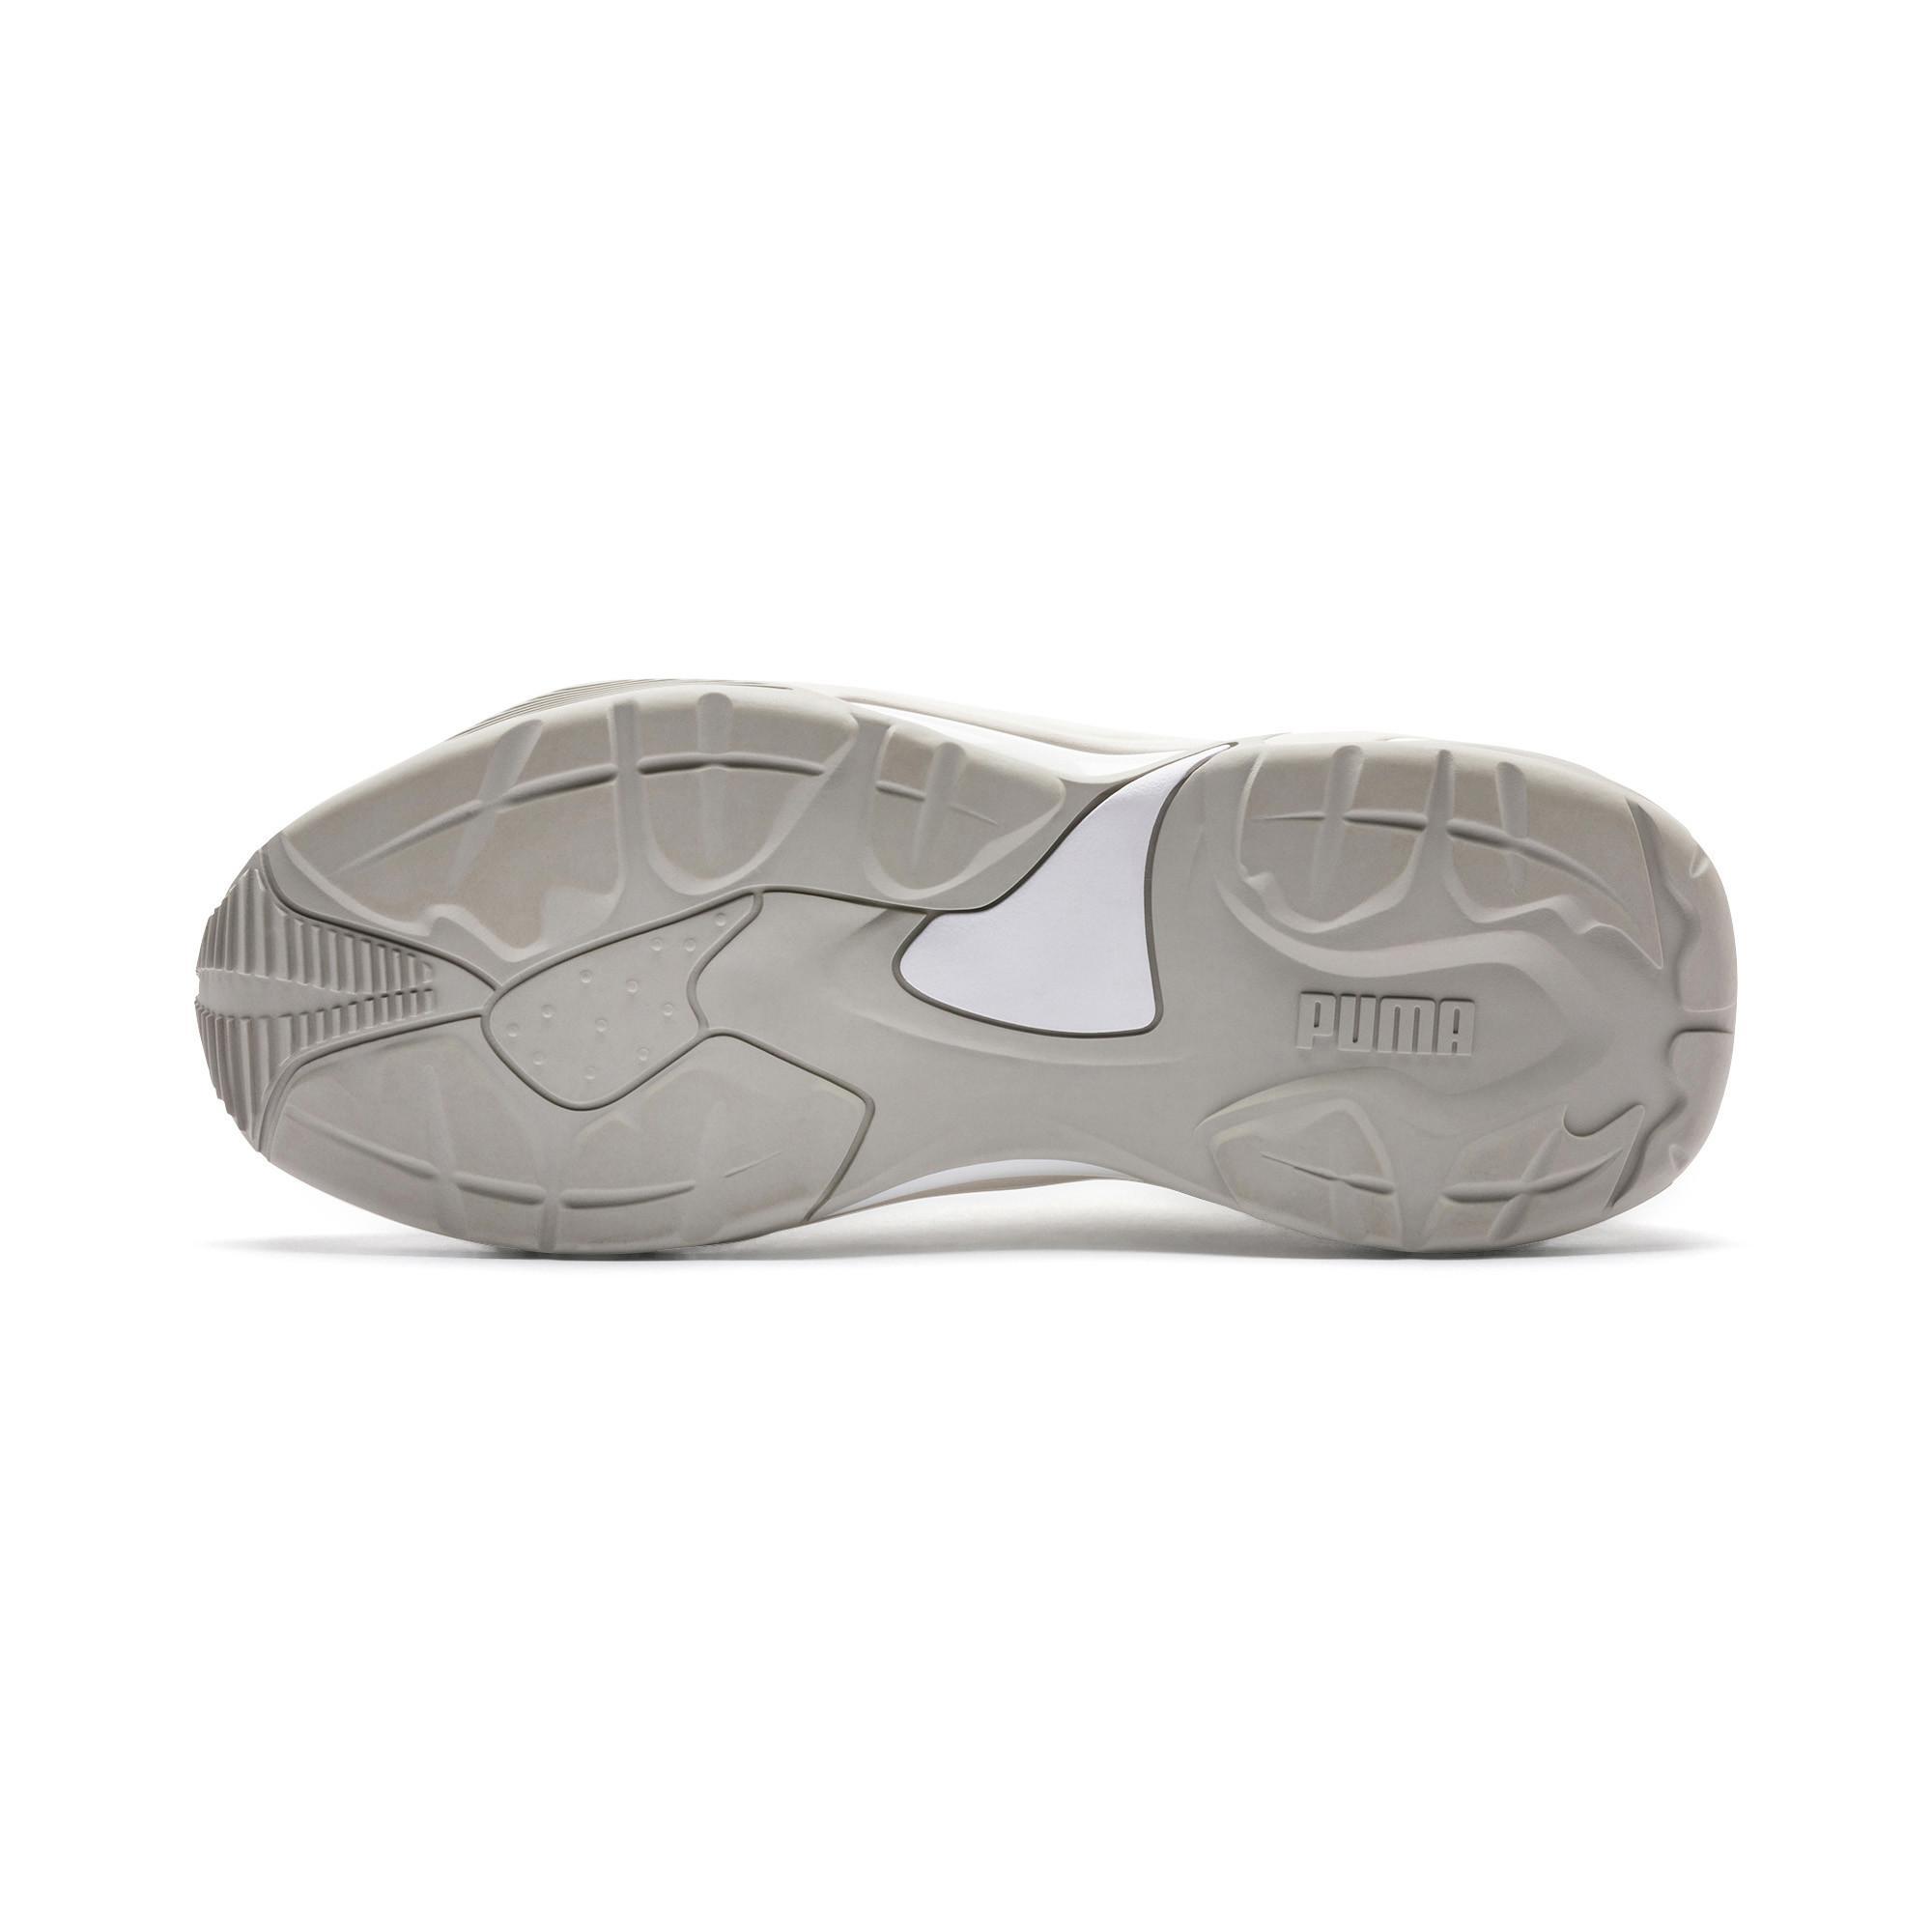 Thunder Desert Shoes Size 9